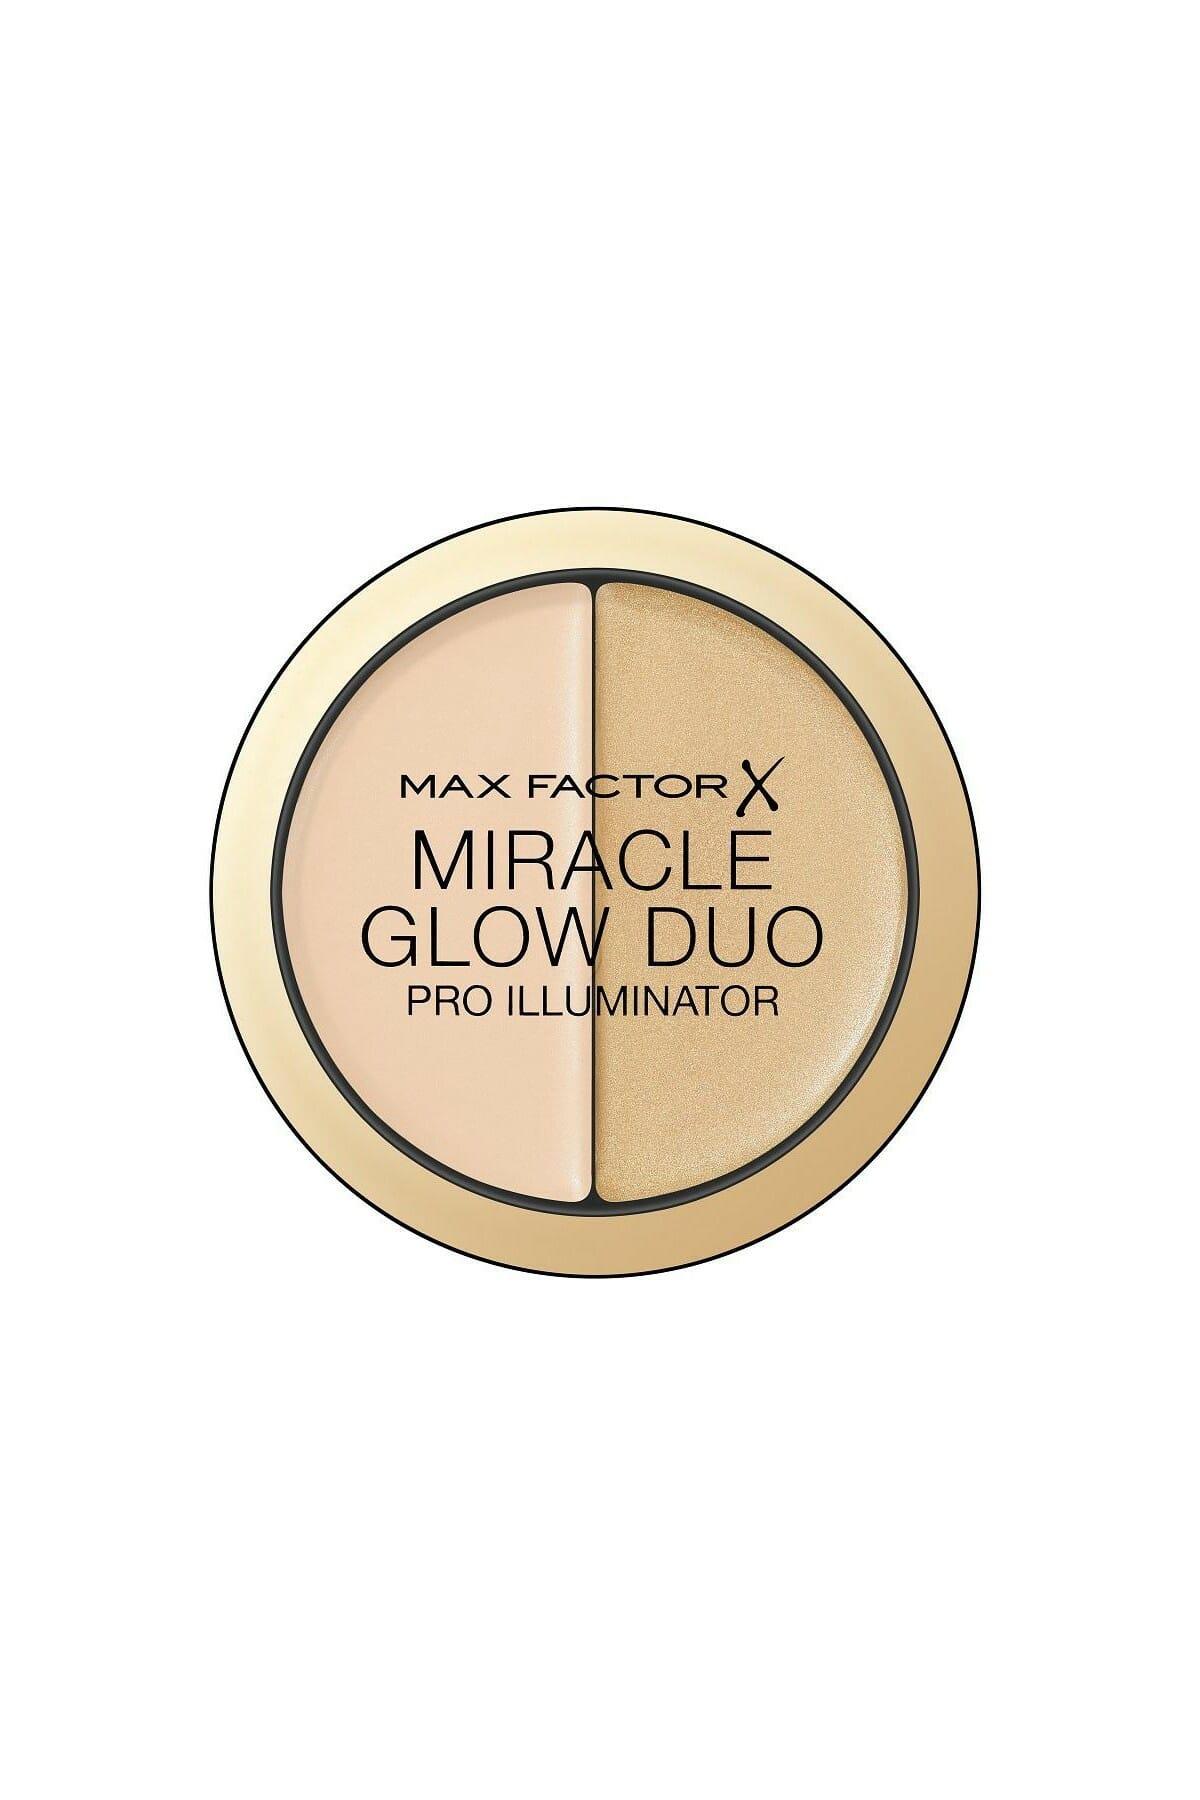 Miracle Glow Duo Pro Illuminator Best Contouring Kit in Pakistan